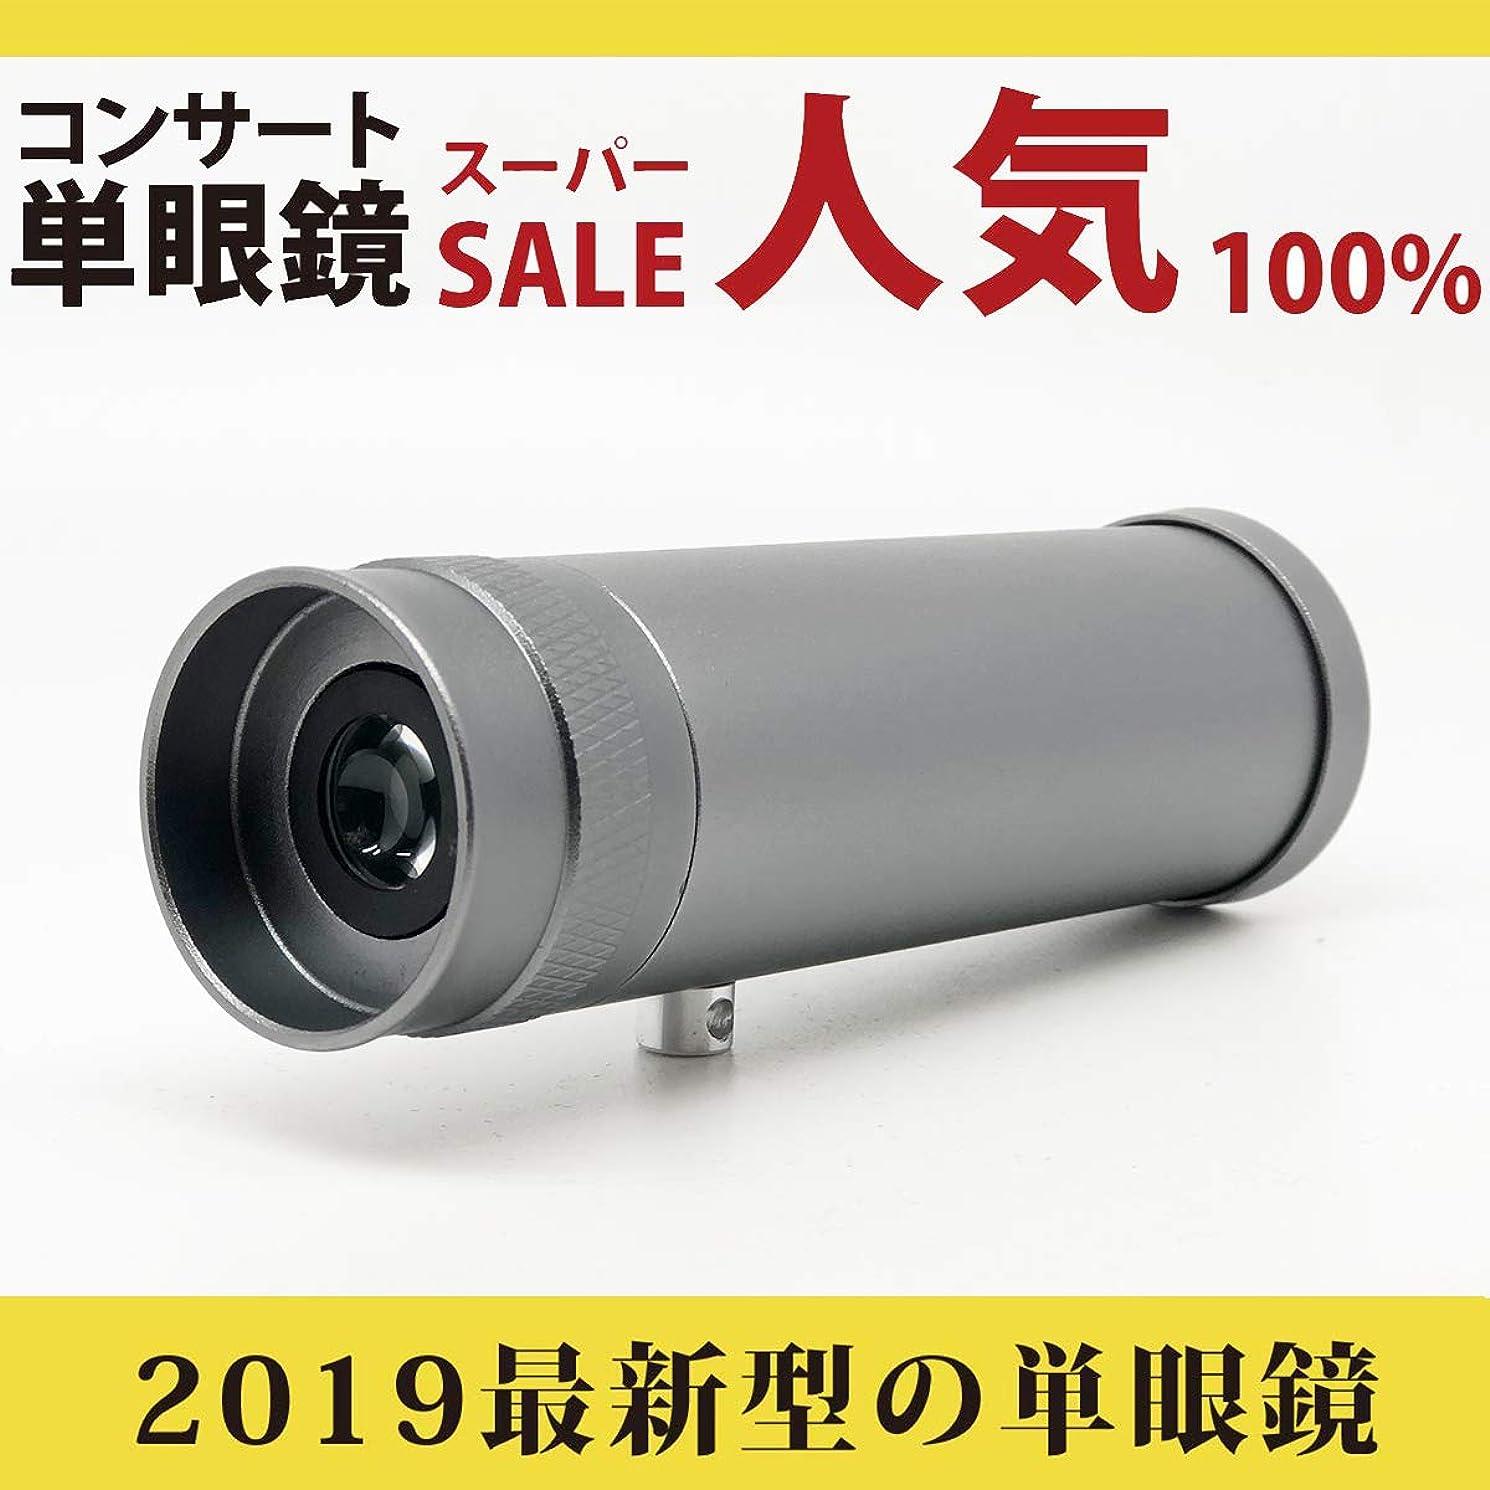 評価可能経験リボンKenko 単眼鏡 ギャラリーEYE 4倍 12mm口径 最短合焦距離19cm 日本製 001400